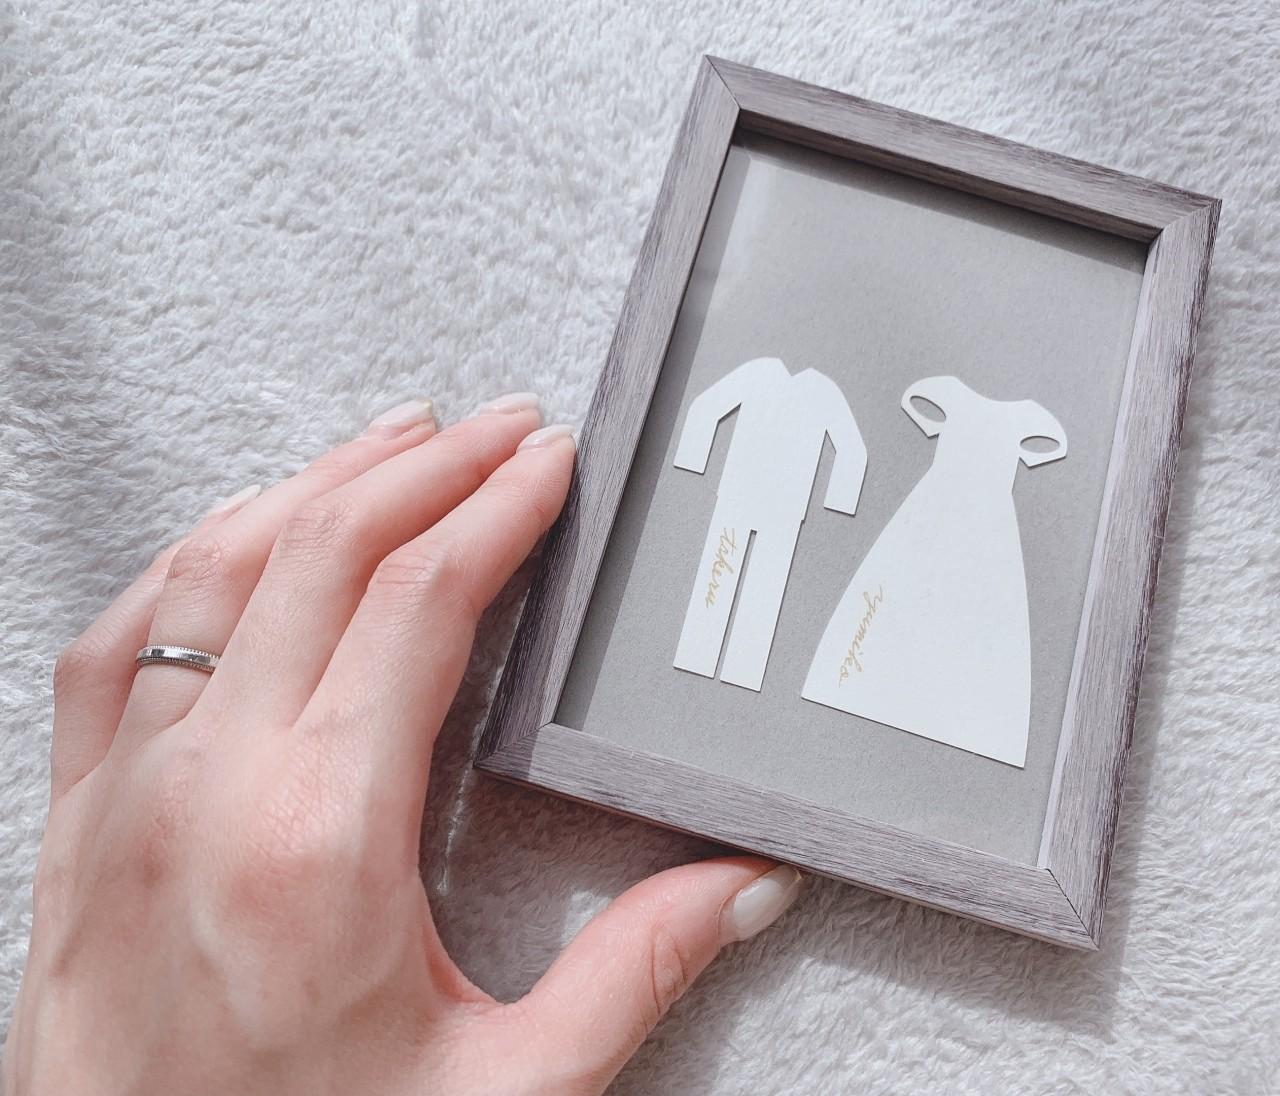 【プレ花嫁】wedding blog更新していきます